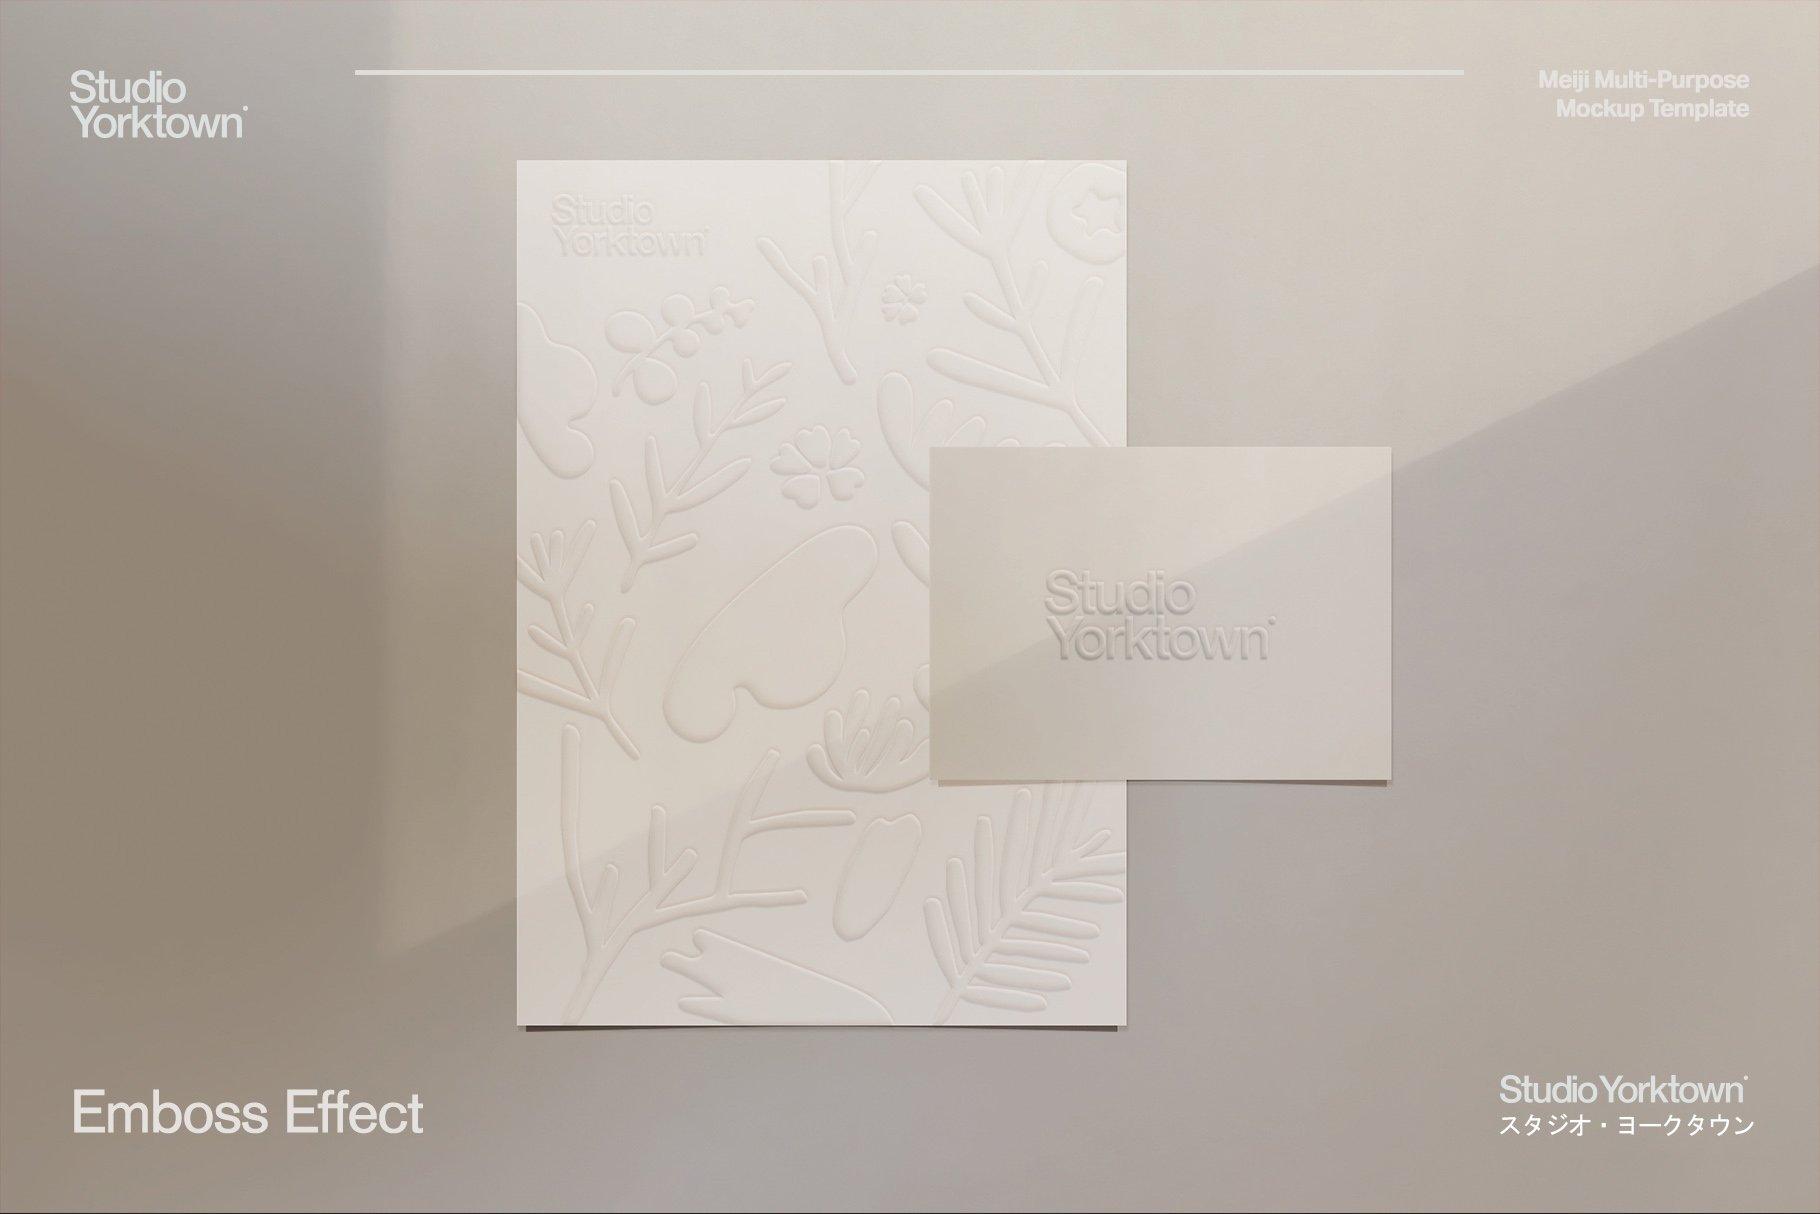 [淘宝购买] 潮流多功能压印铝箔虹彩效果办公用品场景样机套件 Meiji Multi Effect Mockup Template插图(17)